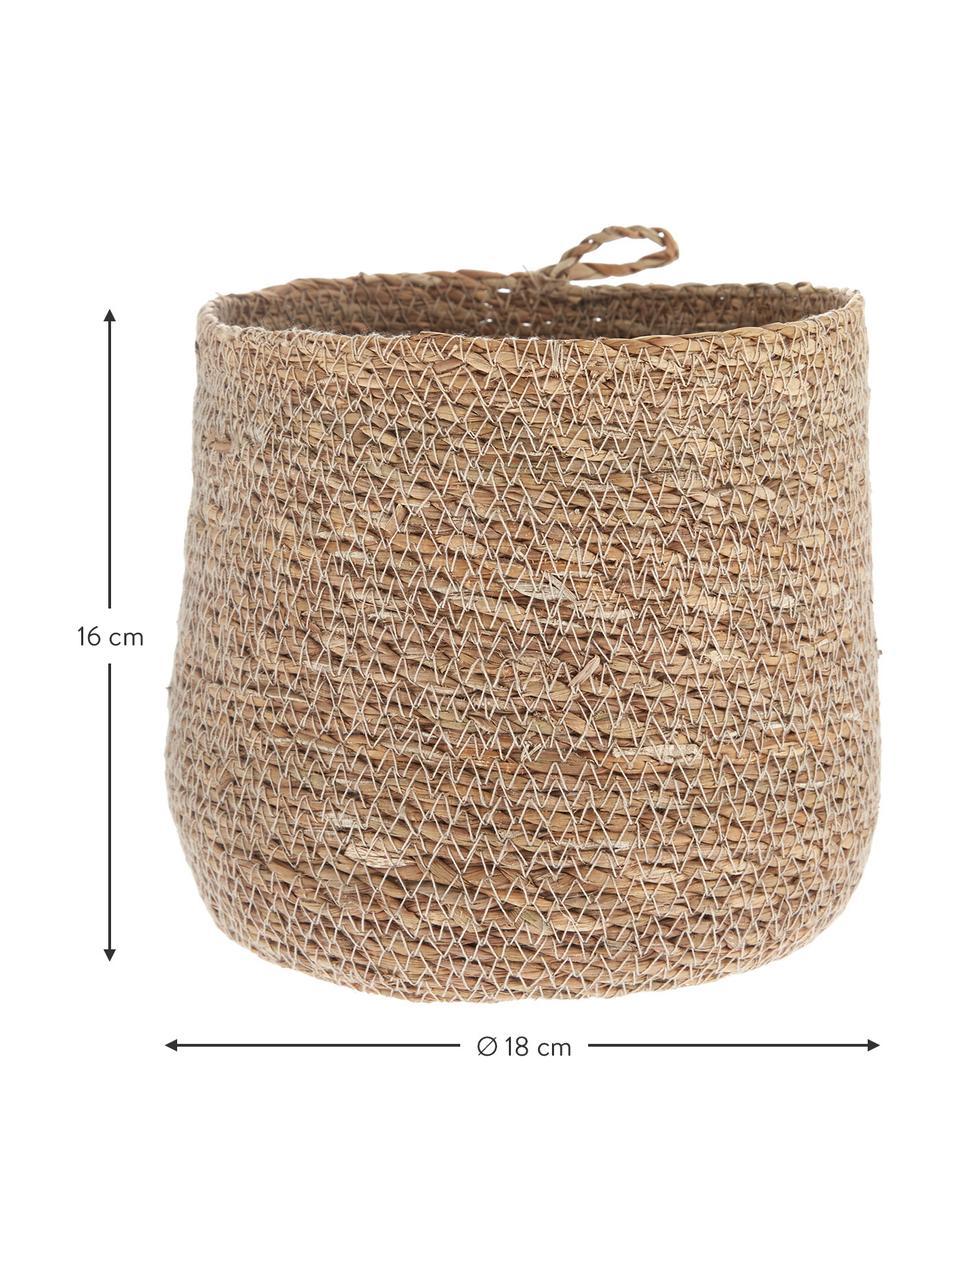 Cesto in fibra naturale Hang, Fibra naturale, Fibra naturale, Ø 18 x Alt. 16 cm